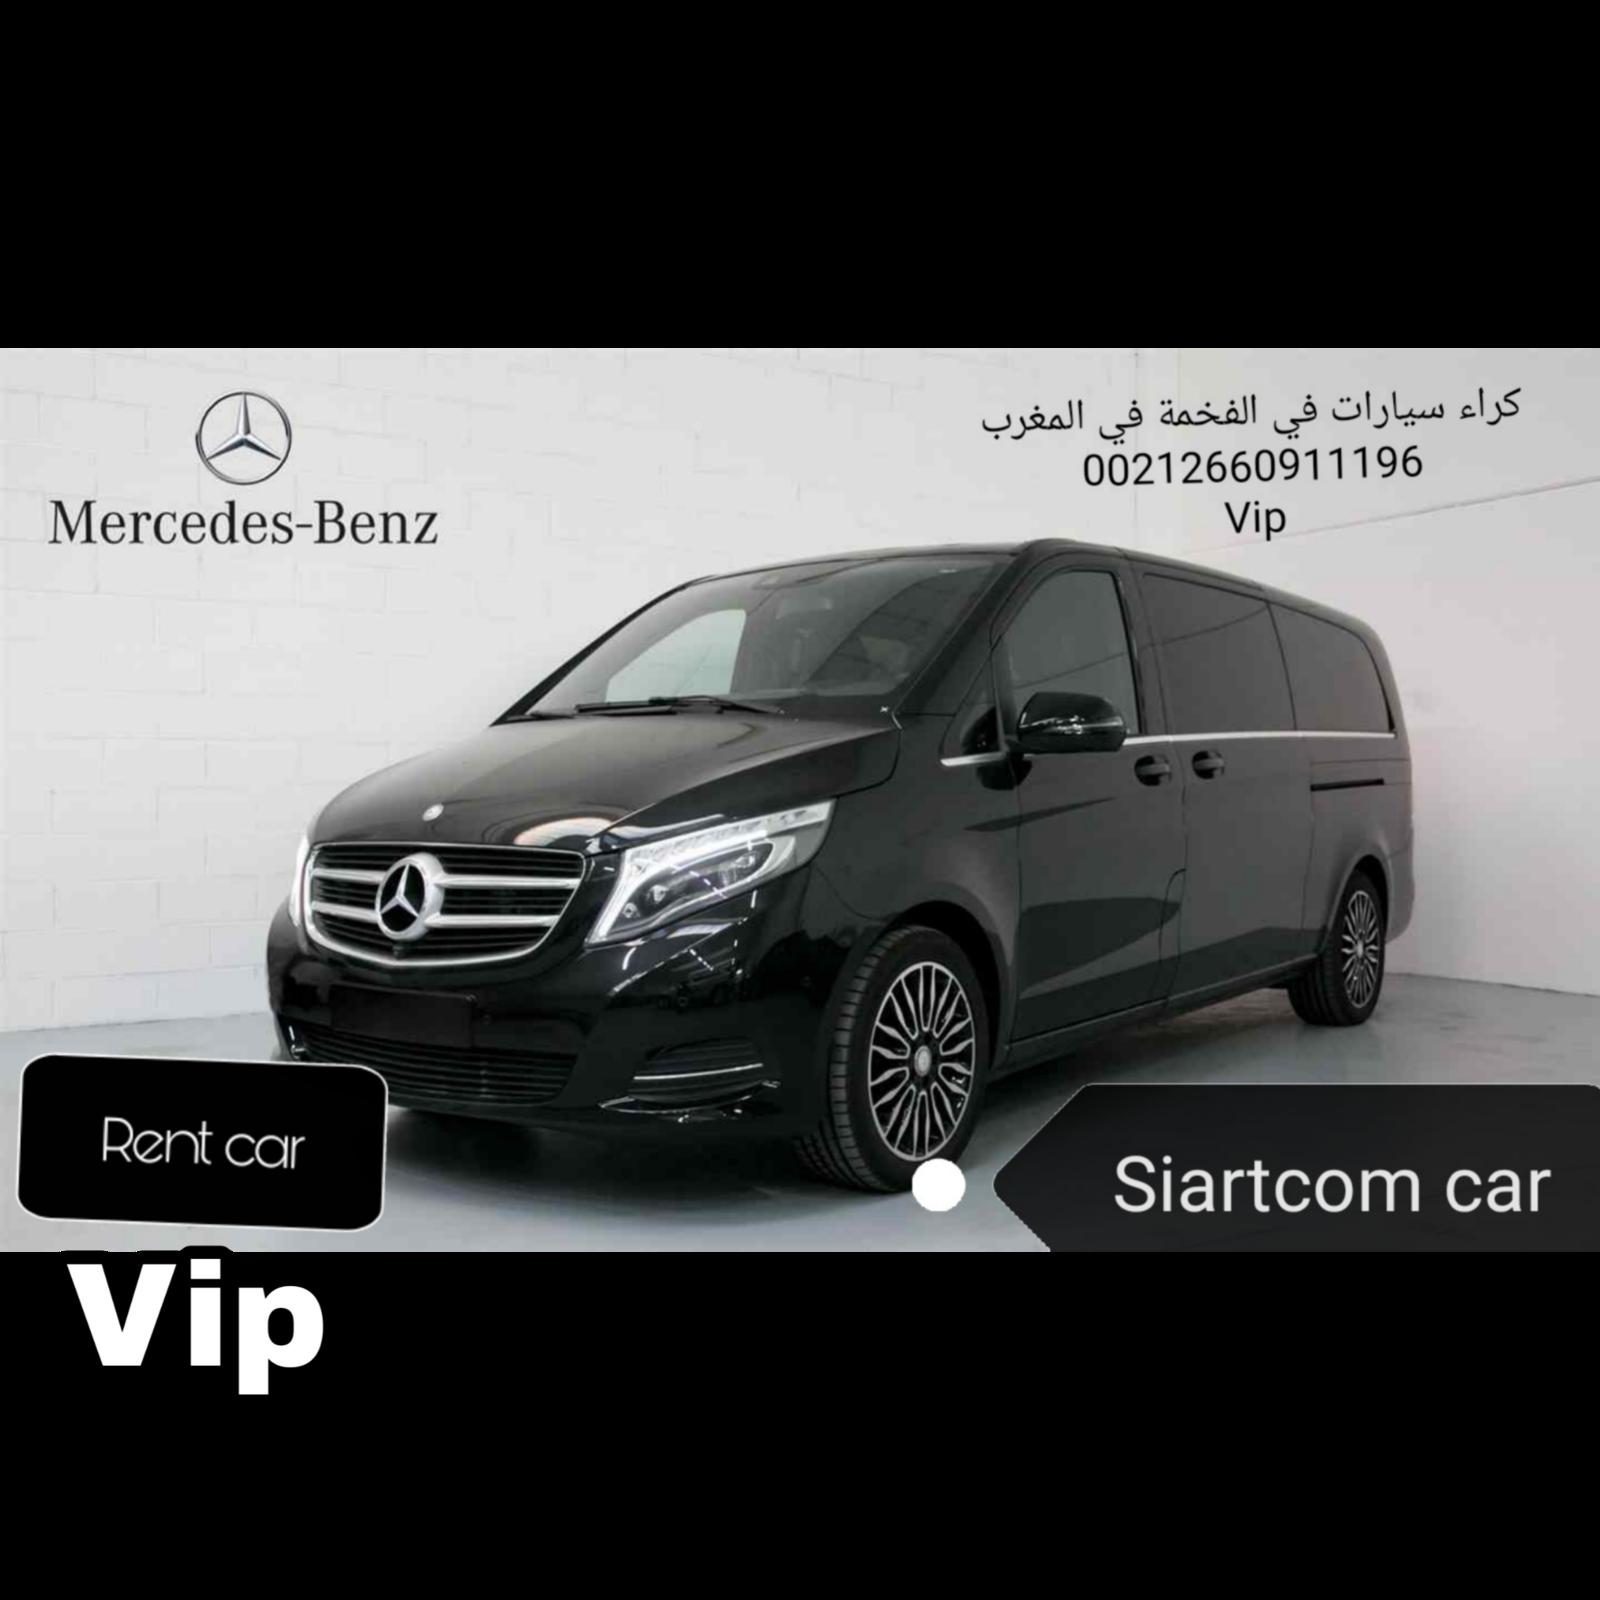 540781 المسافرون العرب rent car casablanca عرض خاص تأجير سيارت في المغرب